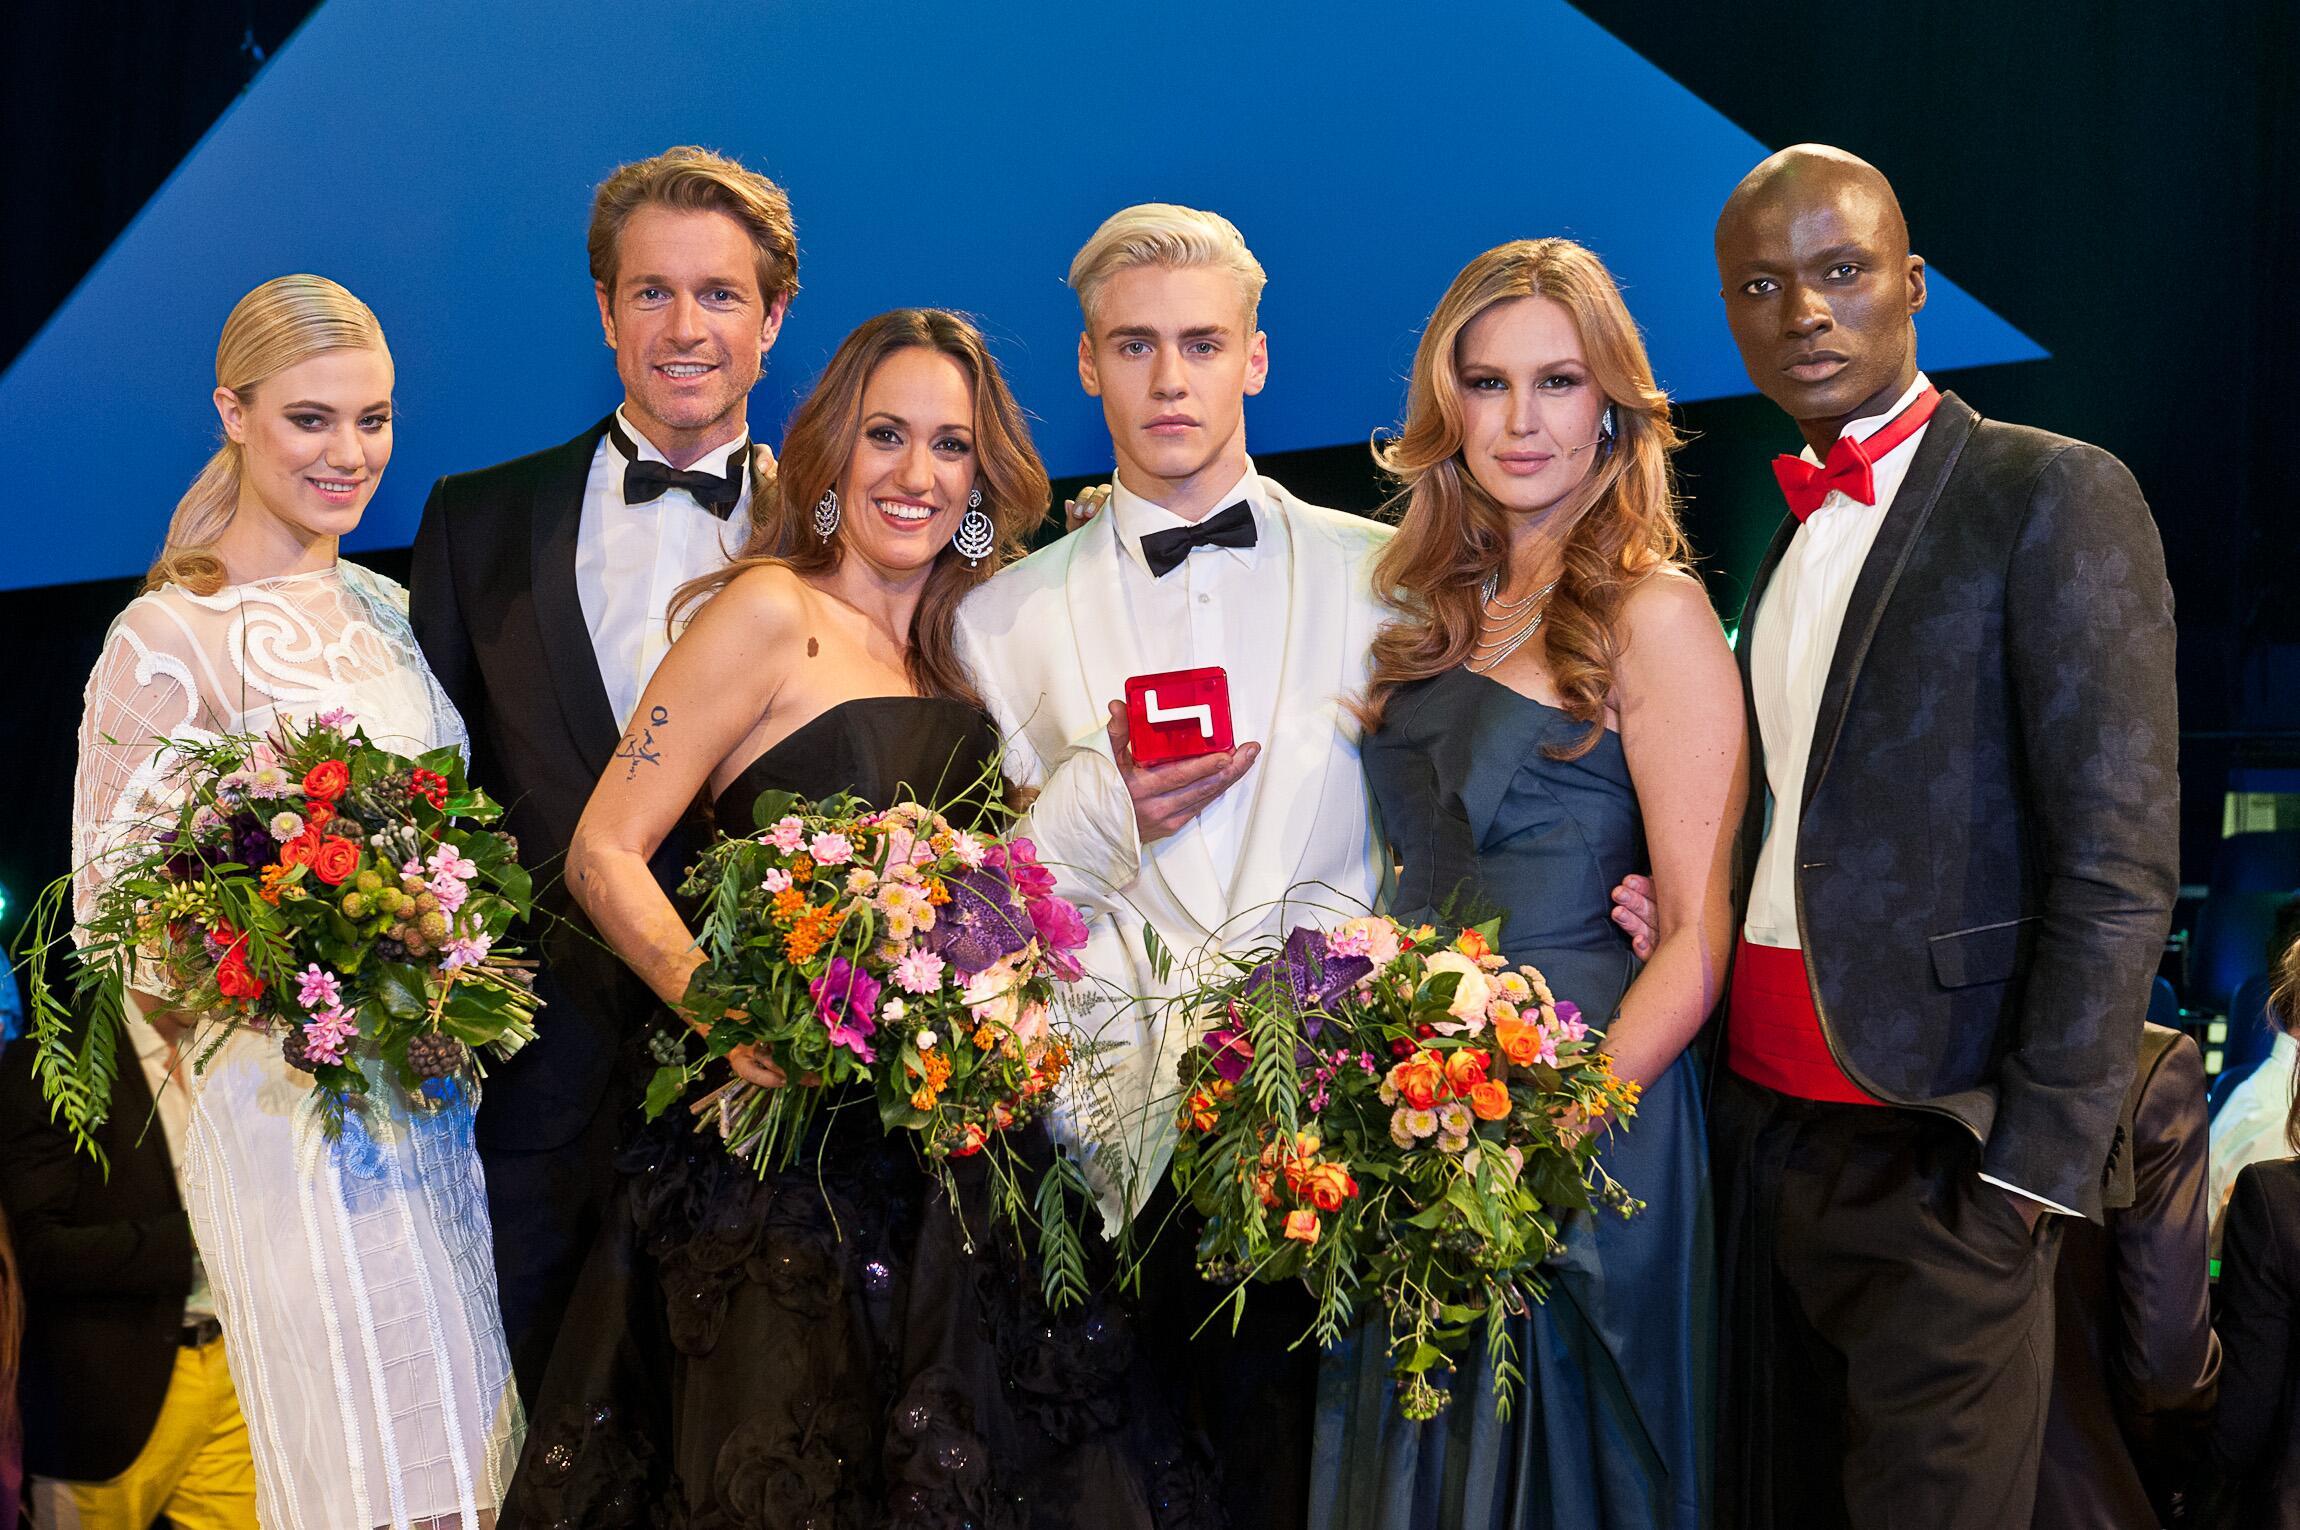 Bild zu Larissa Marolt, Michael Urban, Bianca Schwarzjirg, Oliver, Melanie Scheriau, Papis Loveday